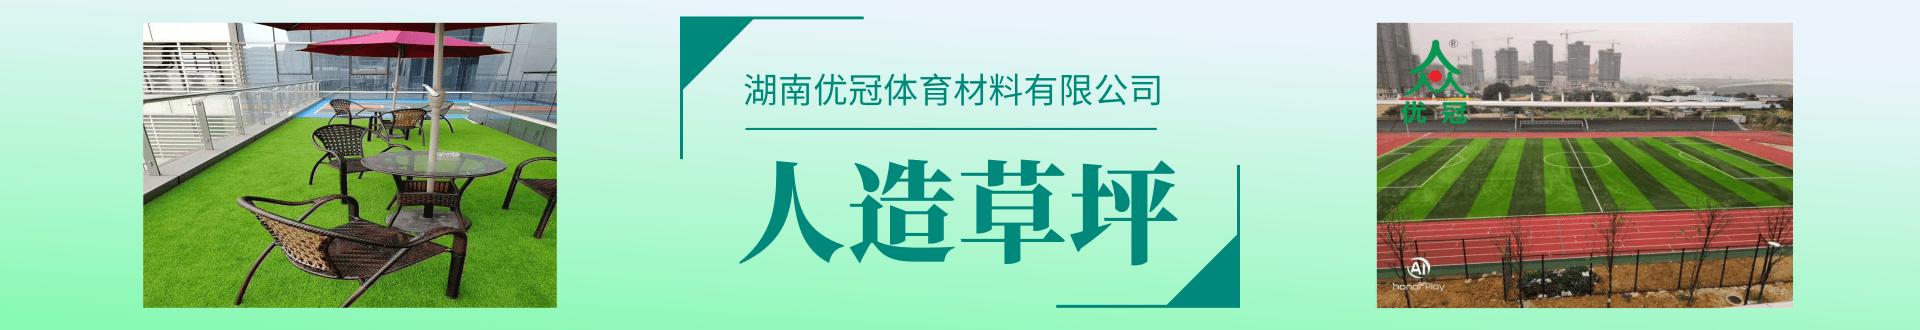 湖南优冠体育材料有限公司